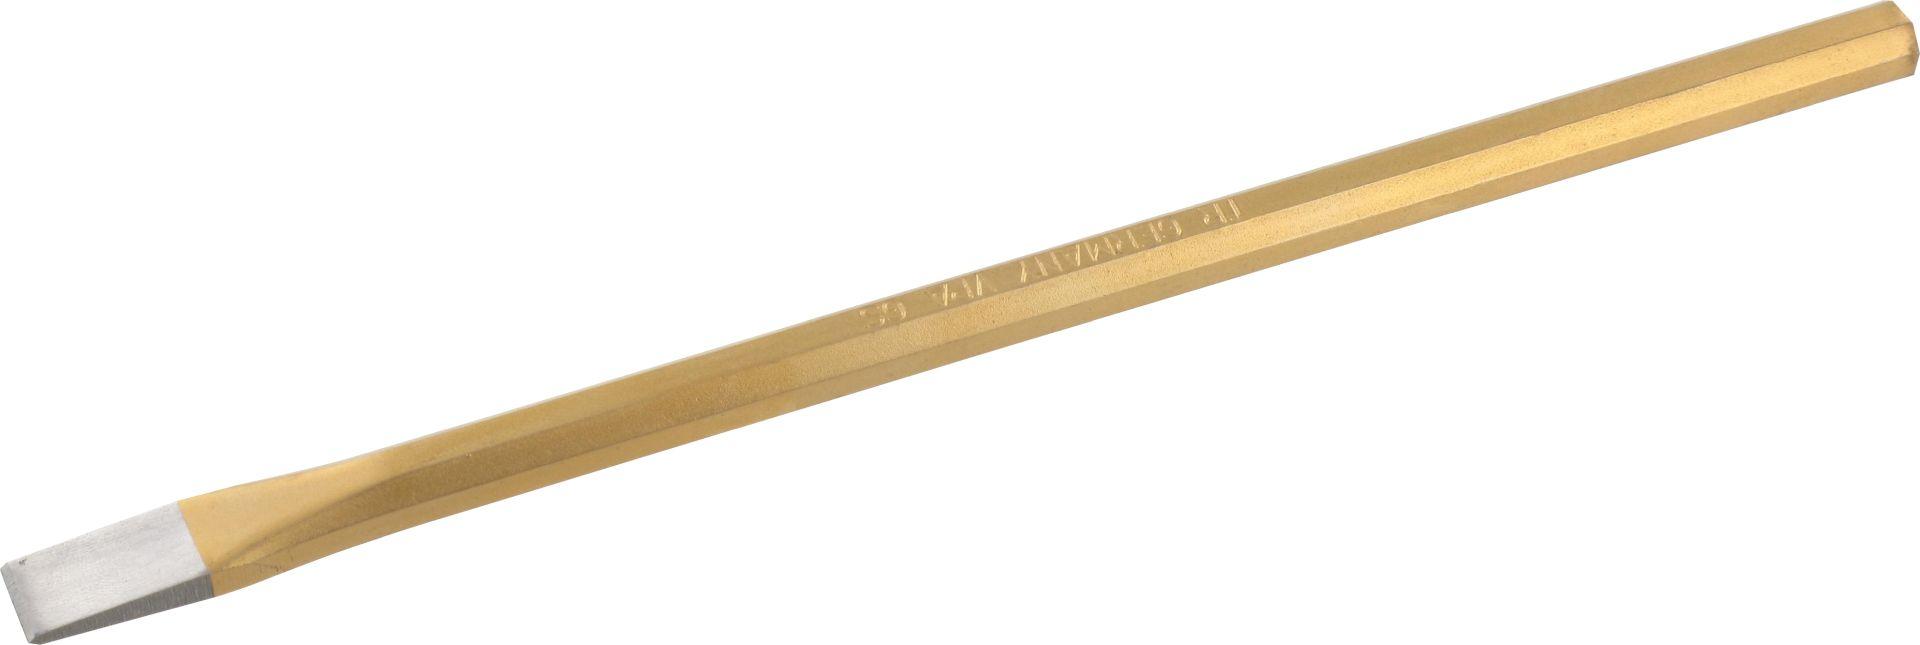 TRIUSO Elektrikermeißel, achtkant, flach, gehärtet, golden lackiert, Schneidenbreite 8 x 200 mm